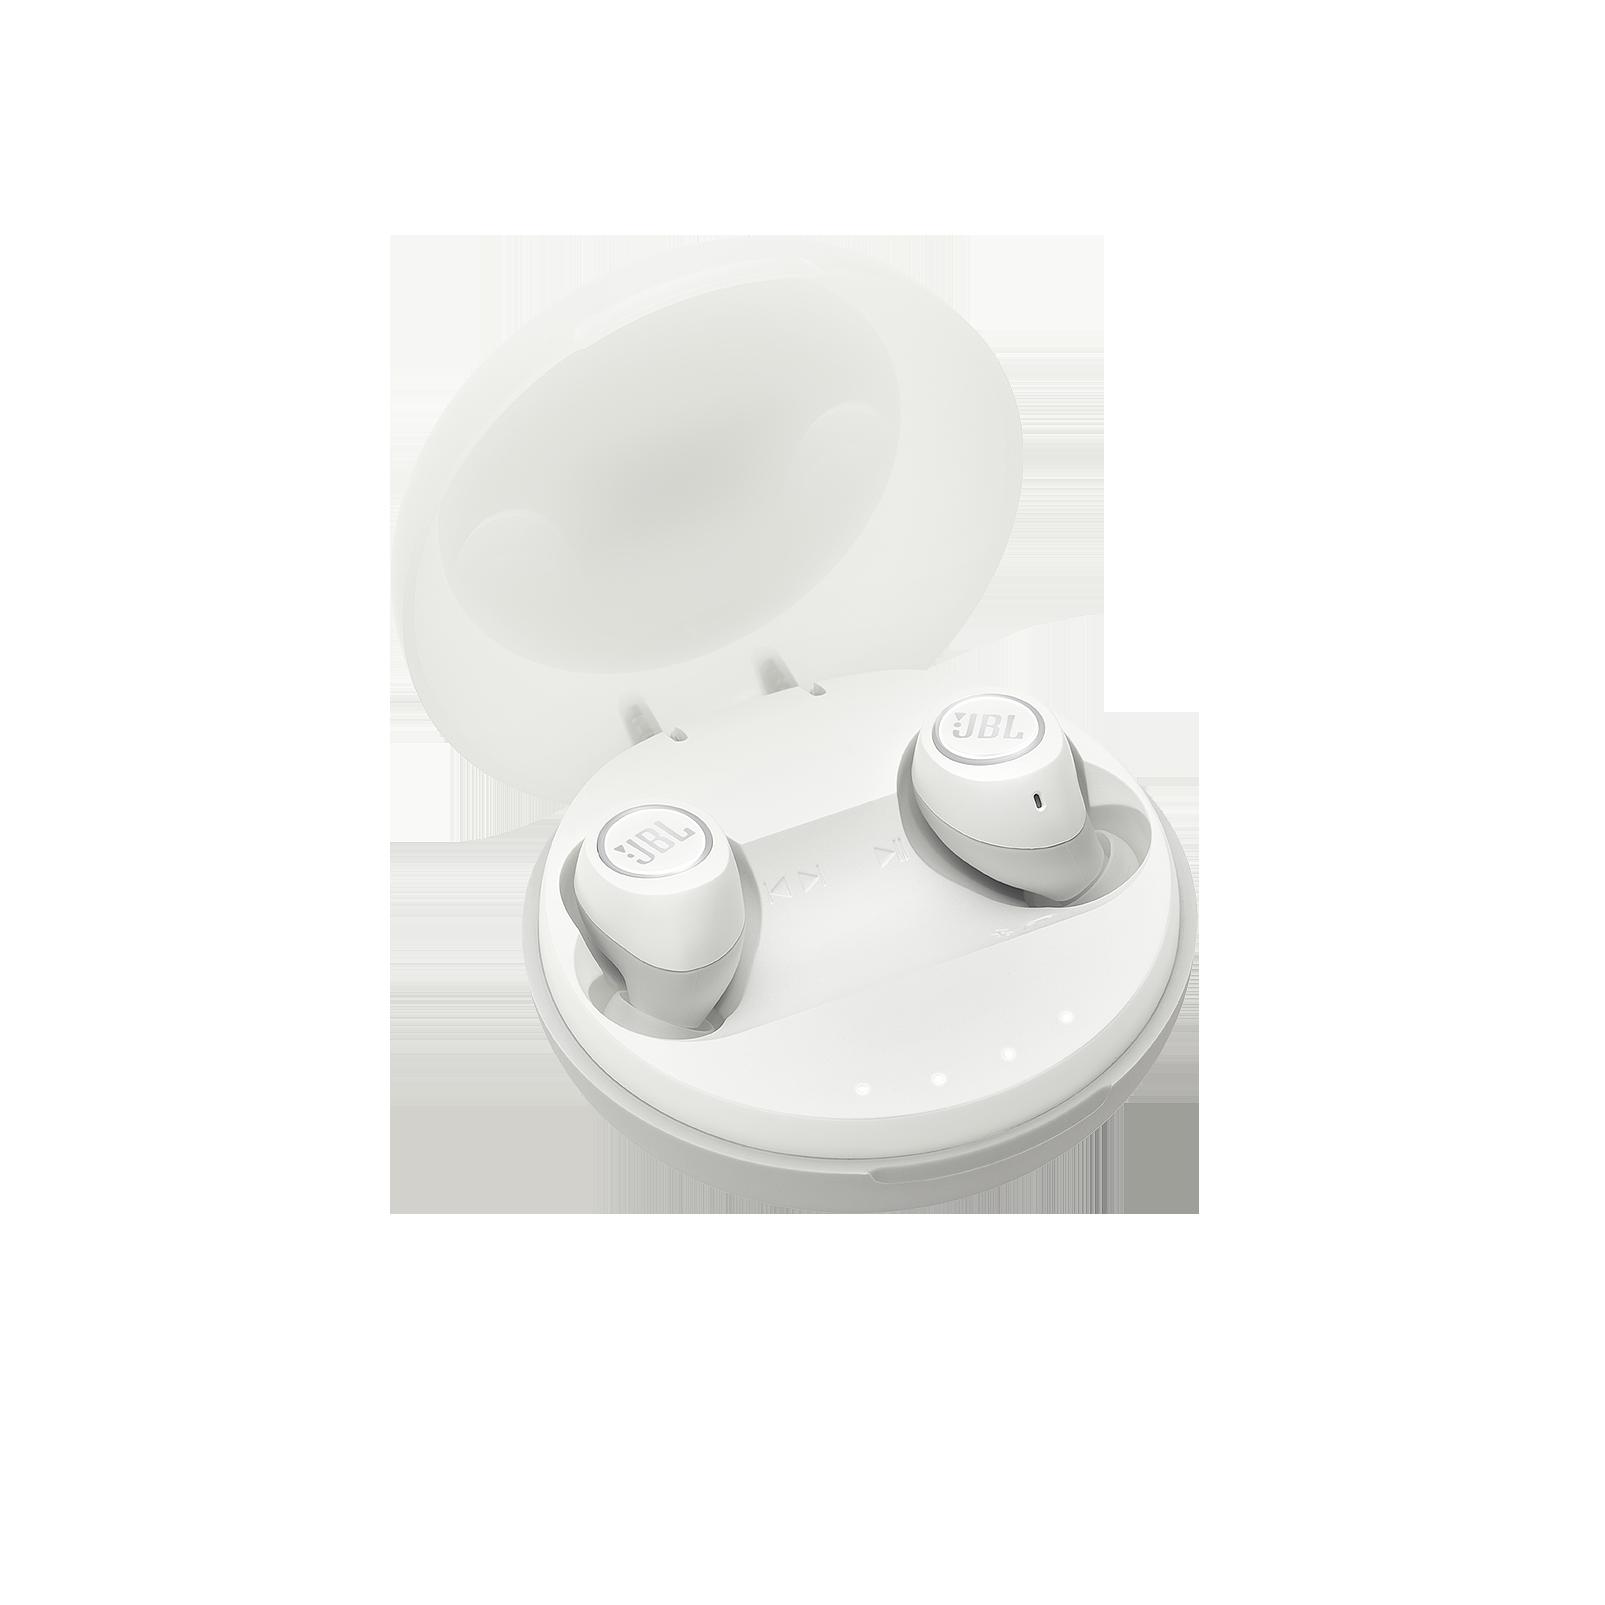 JBL Free X - White - Truly wireless in-ear headphones - Detailshot 1